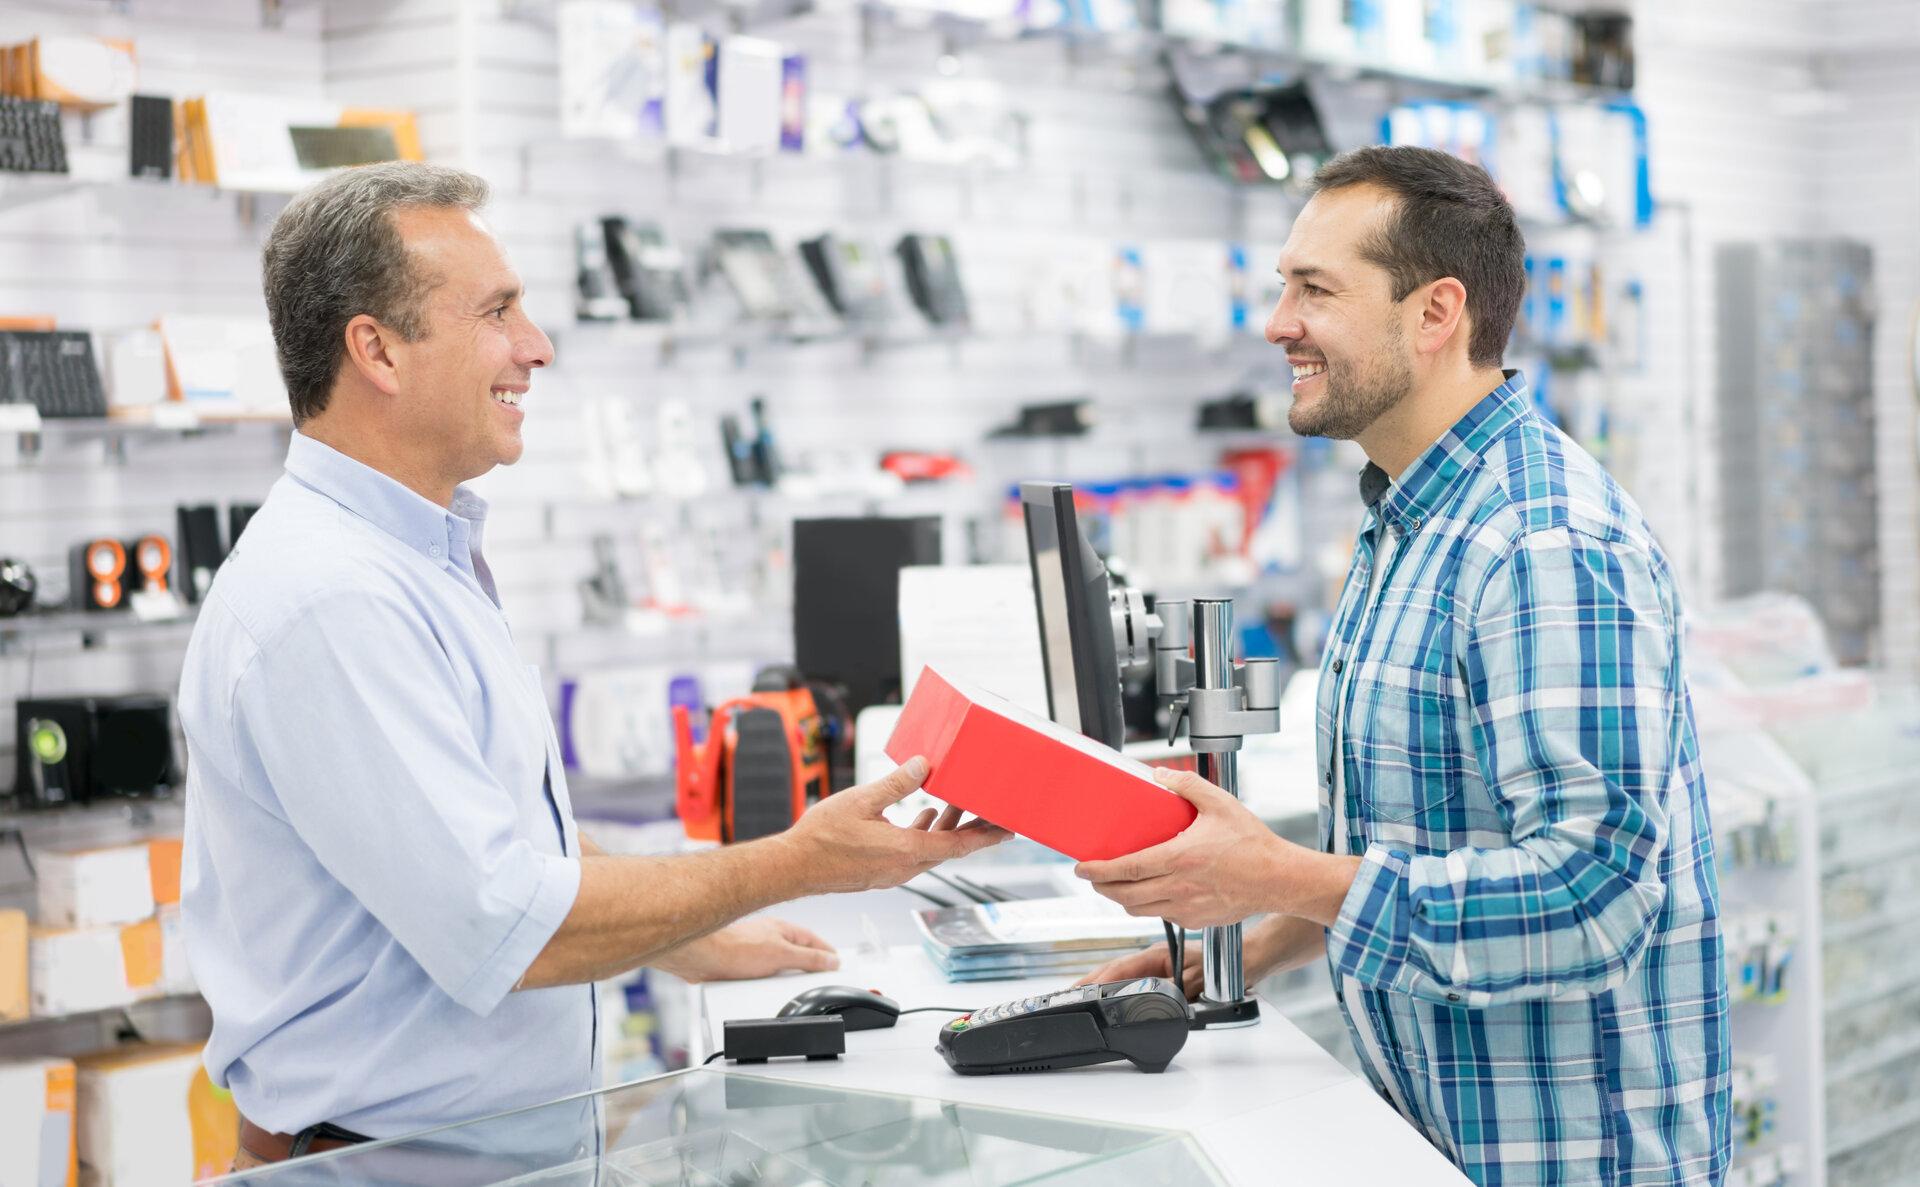 Zakupy w sklepie technicznym